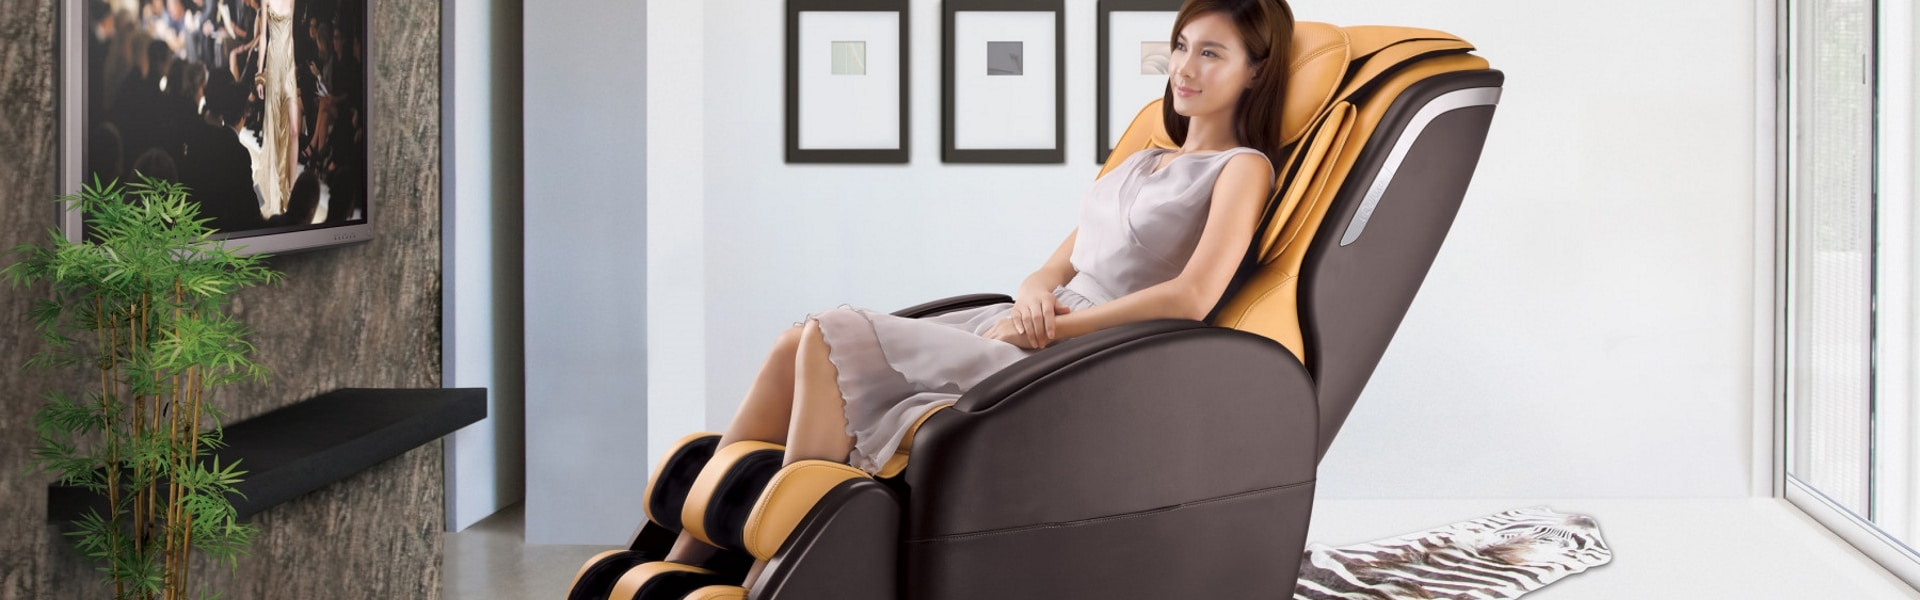 Best Massage Recliners